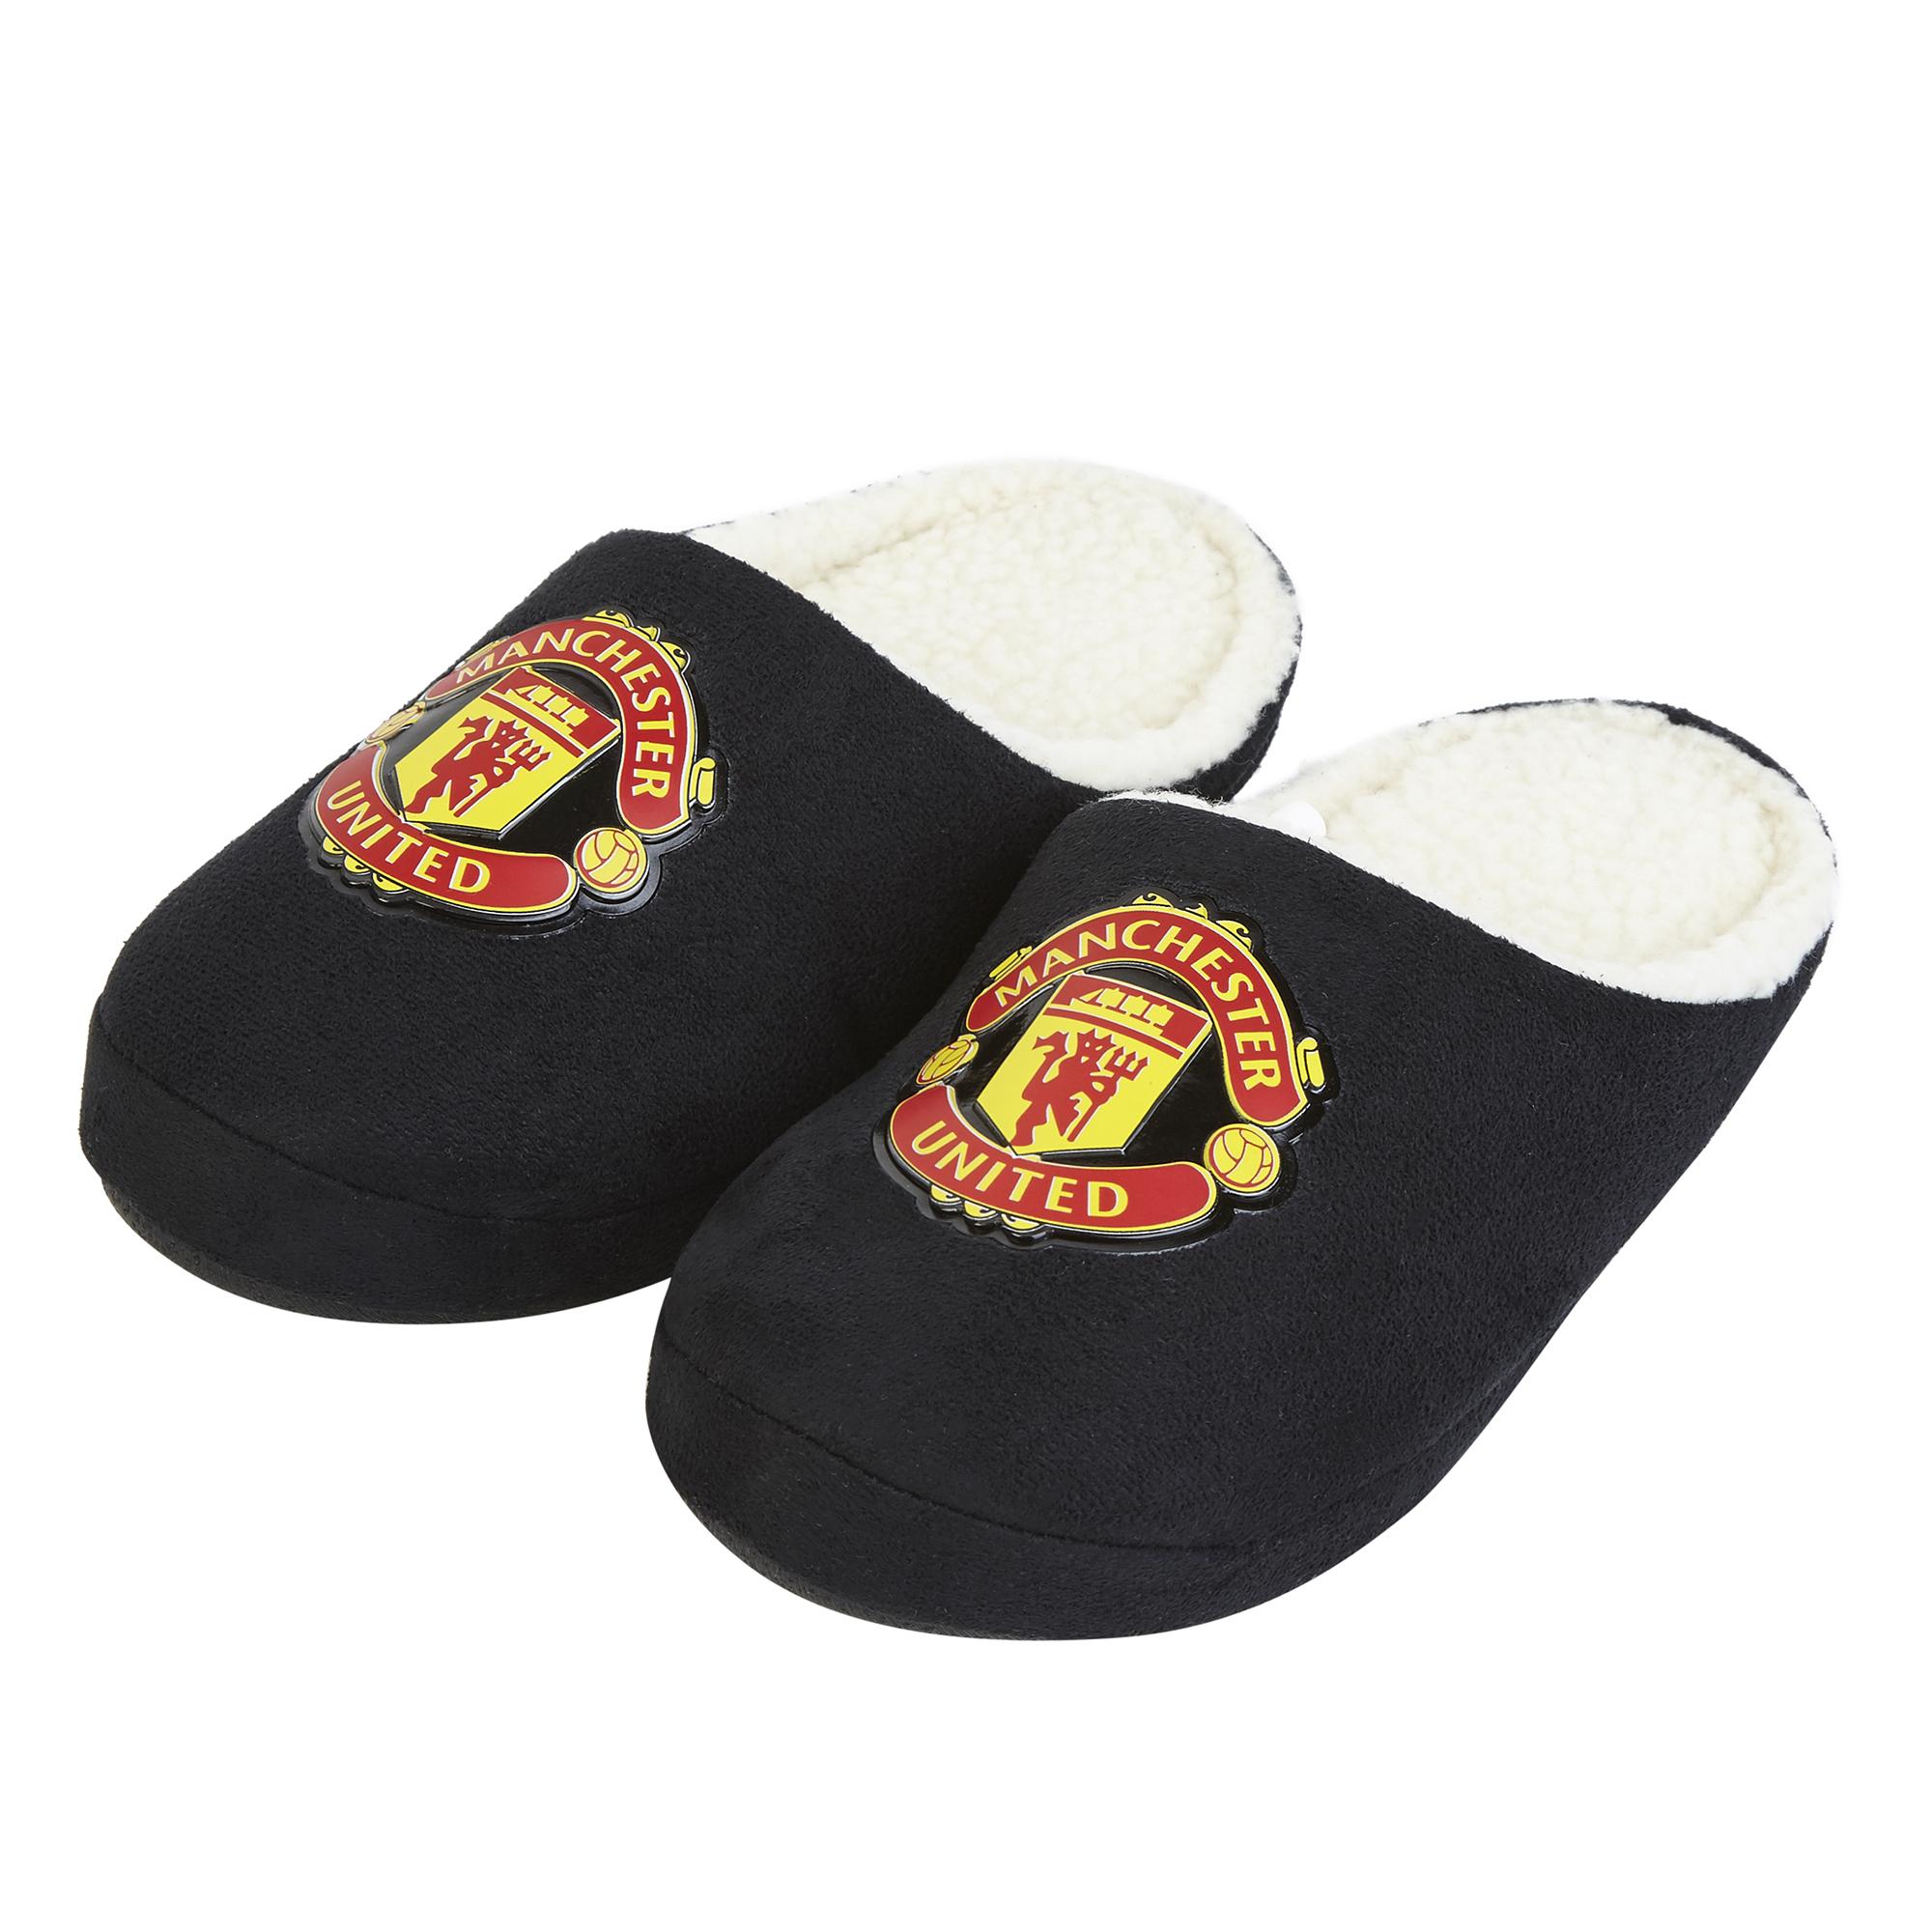 Pantoufles avec écusson Manchester United - Noir - Enfants